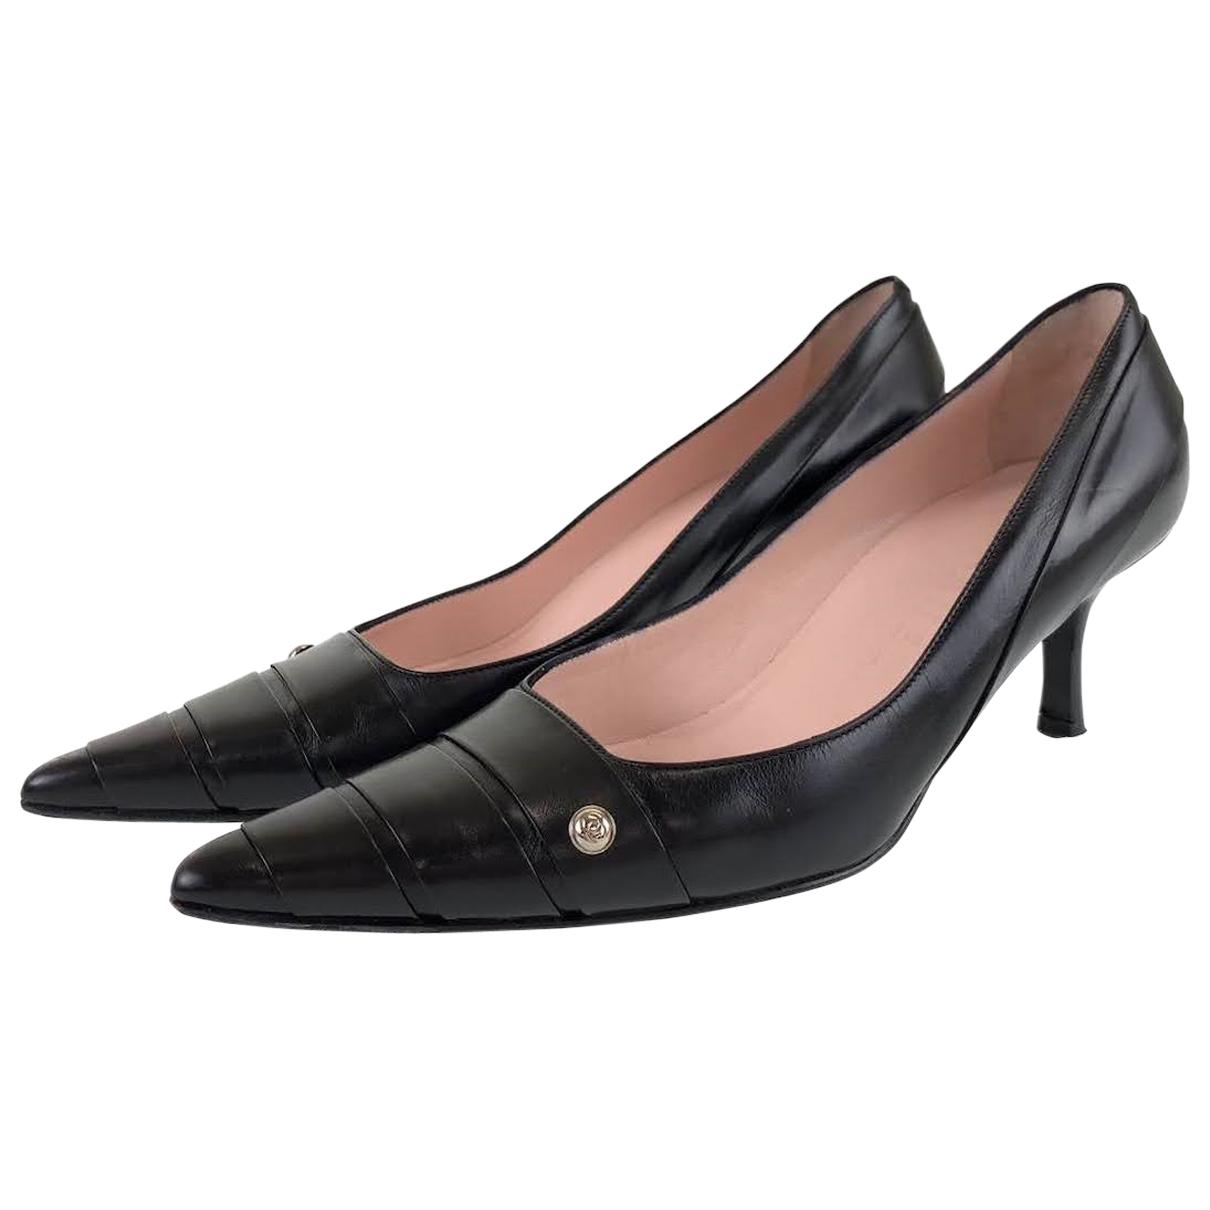 Chanel - Escarpins   pour femme en cuir